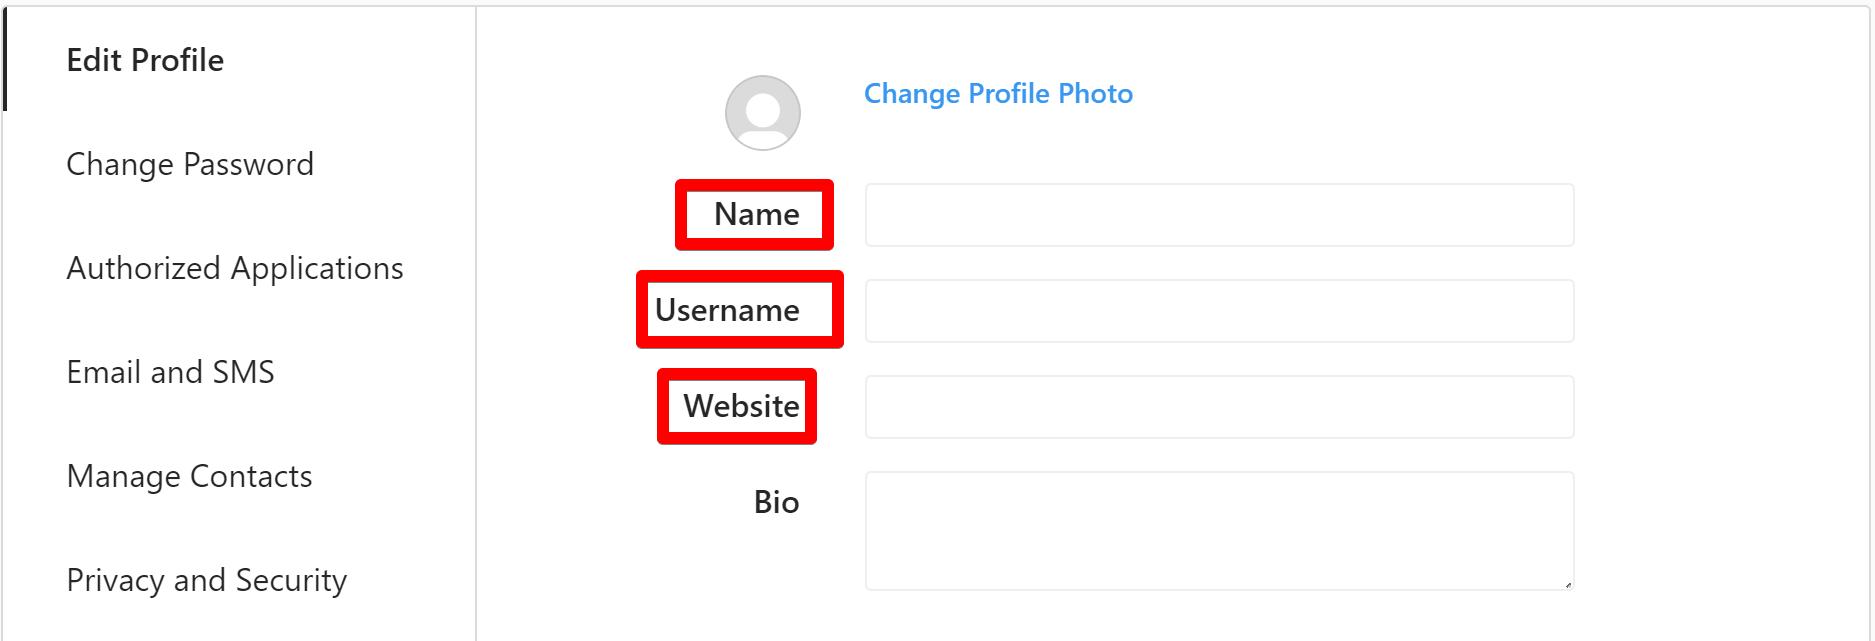 100 примеров из Био Instagram: превратите последователей в покупателей